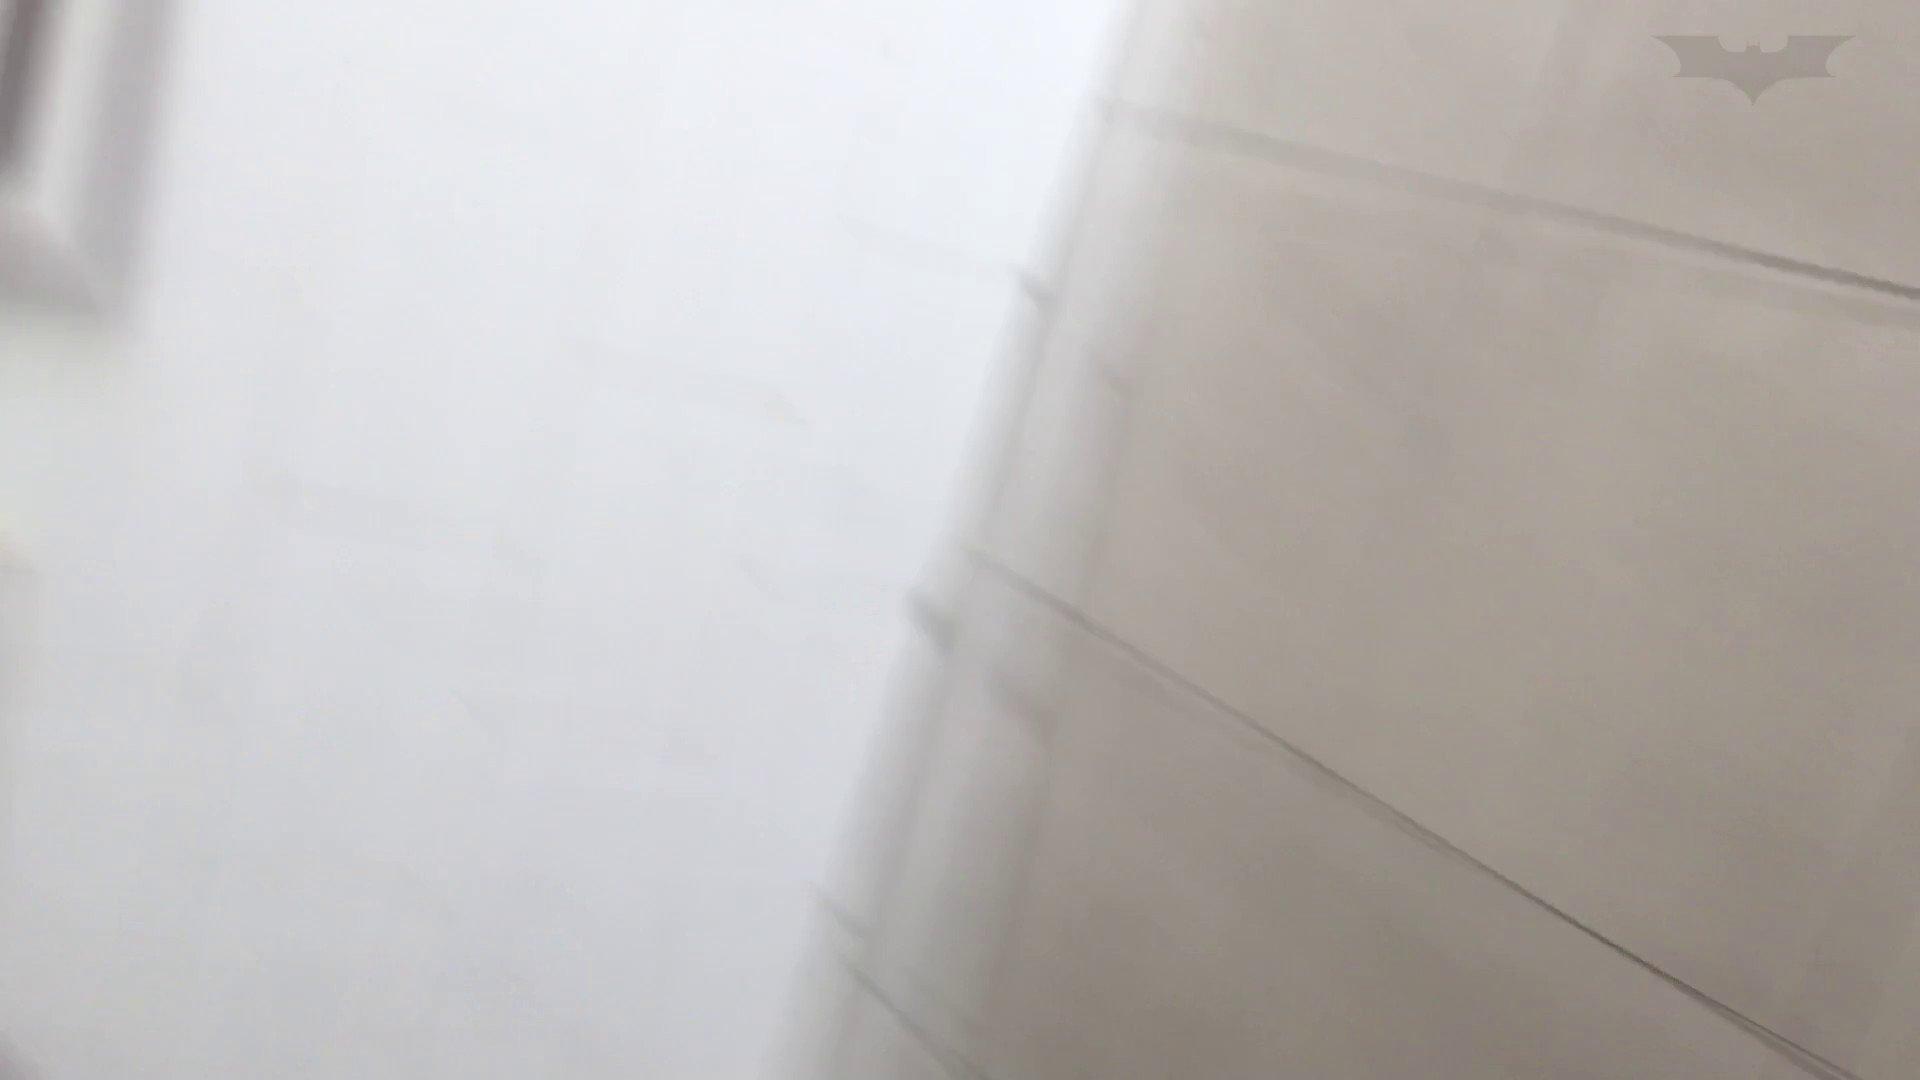 芸術大学ガチ潜入盗sati JD盗撮 美女の洗面所の秘密 Vol.95 高評価 AV動画キャプチャ 85枚 9